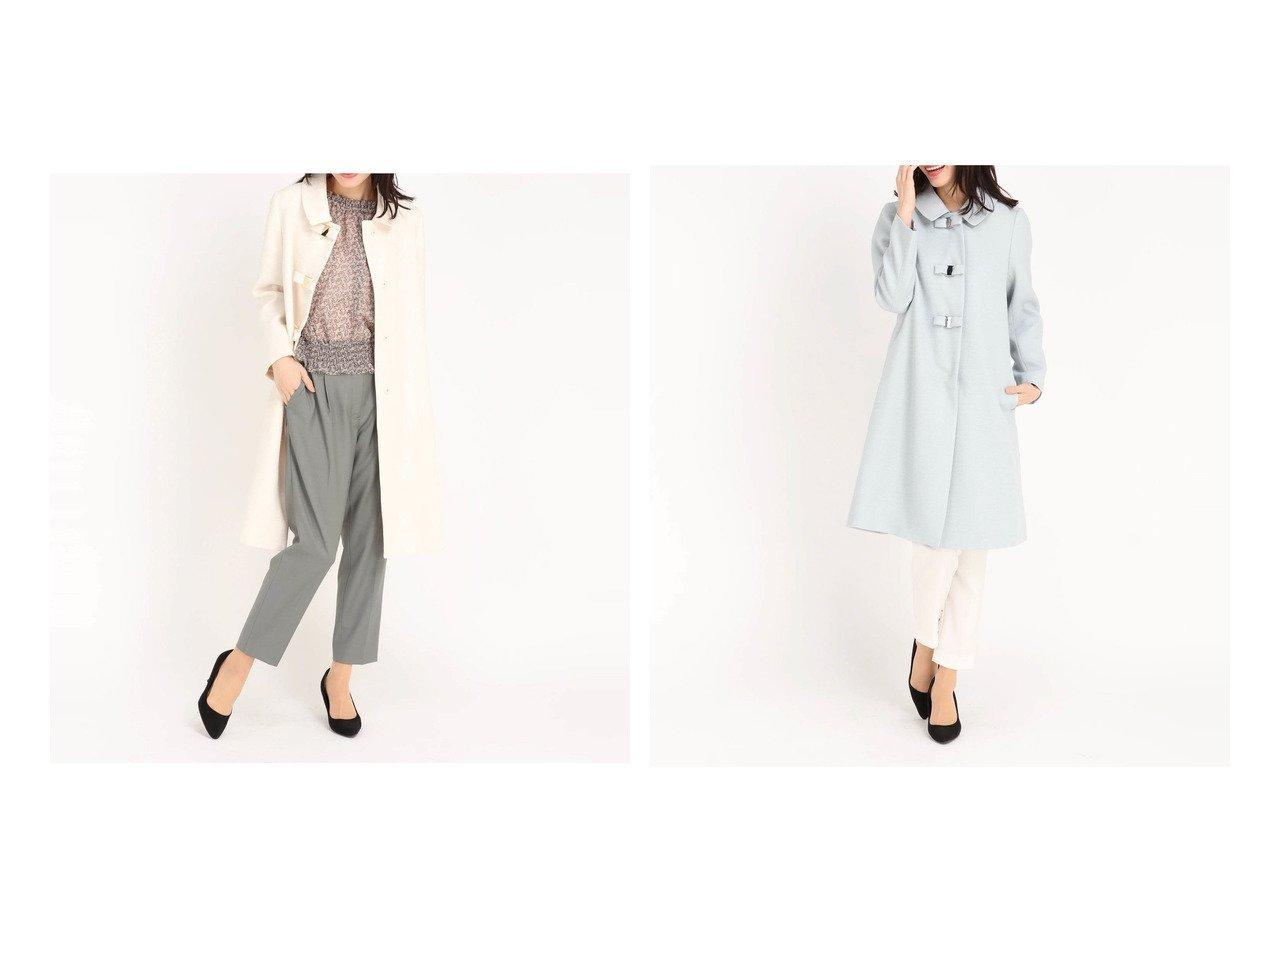 【UNIVERVAL MUSE/ユニバーバル ミューズ】のシダーツィード 【アウター】おすすめ!人気、トレンド・レディースファッションの通販  おすすめで人気の流行・トレンド、ファッションの通販商品 メンズファッション・キッズファッション・インテリア・家具・レディースファッション・服の通販 founy(ファニー) https://founy.com/ ファッション Fashion レディースファッション WOMEN アウター Coat Outerwear コート Coats シンプル フェミニン 春 Spring  ID:crp329100000026435